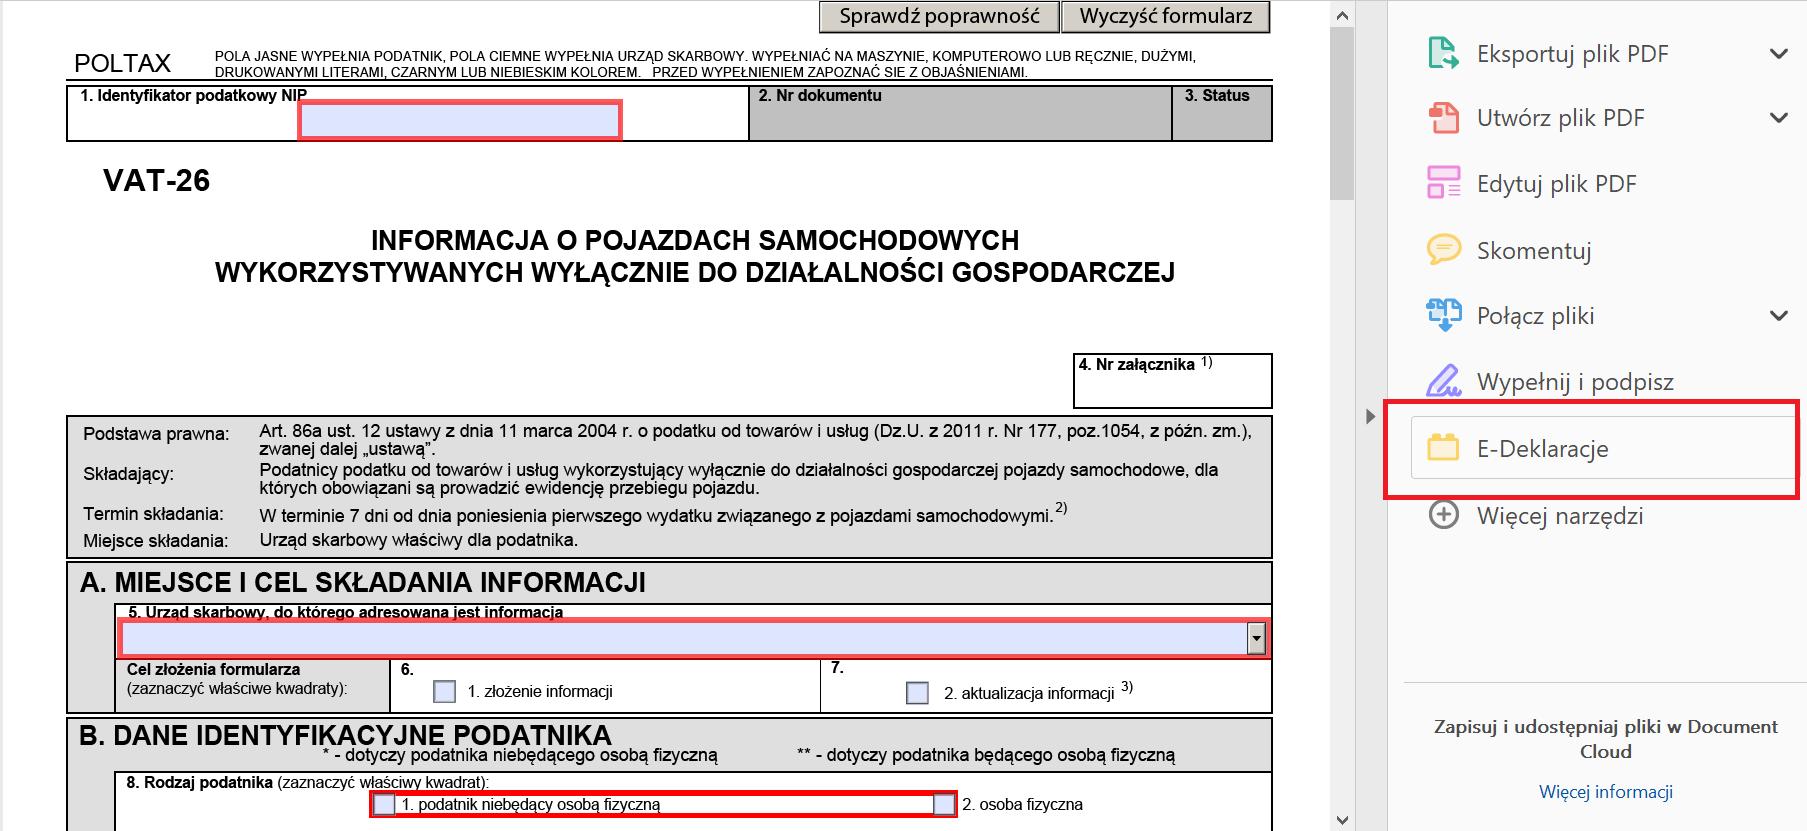 ifirma.pl program do księgowania - vat 26 3